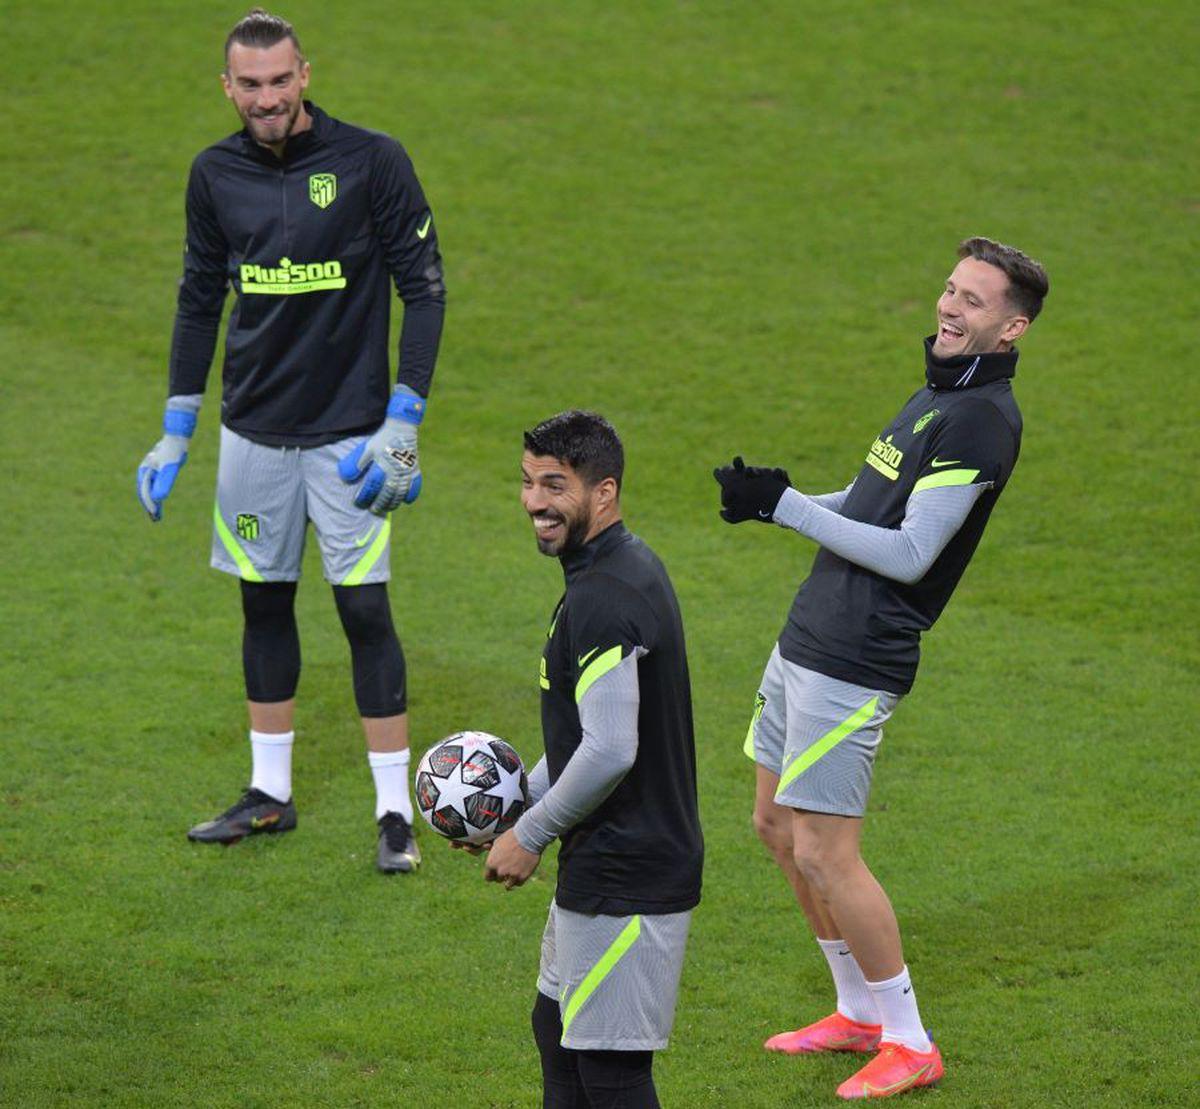 Distracție la antrenamentul lui Atletico Madrid pe Arena Națională + Ce a cerut Chelsea la hotel